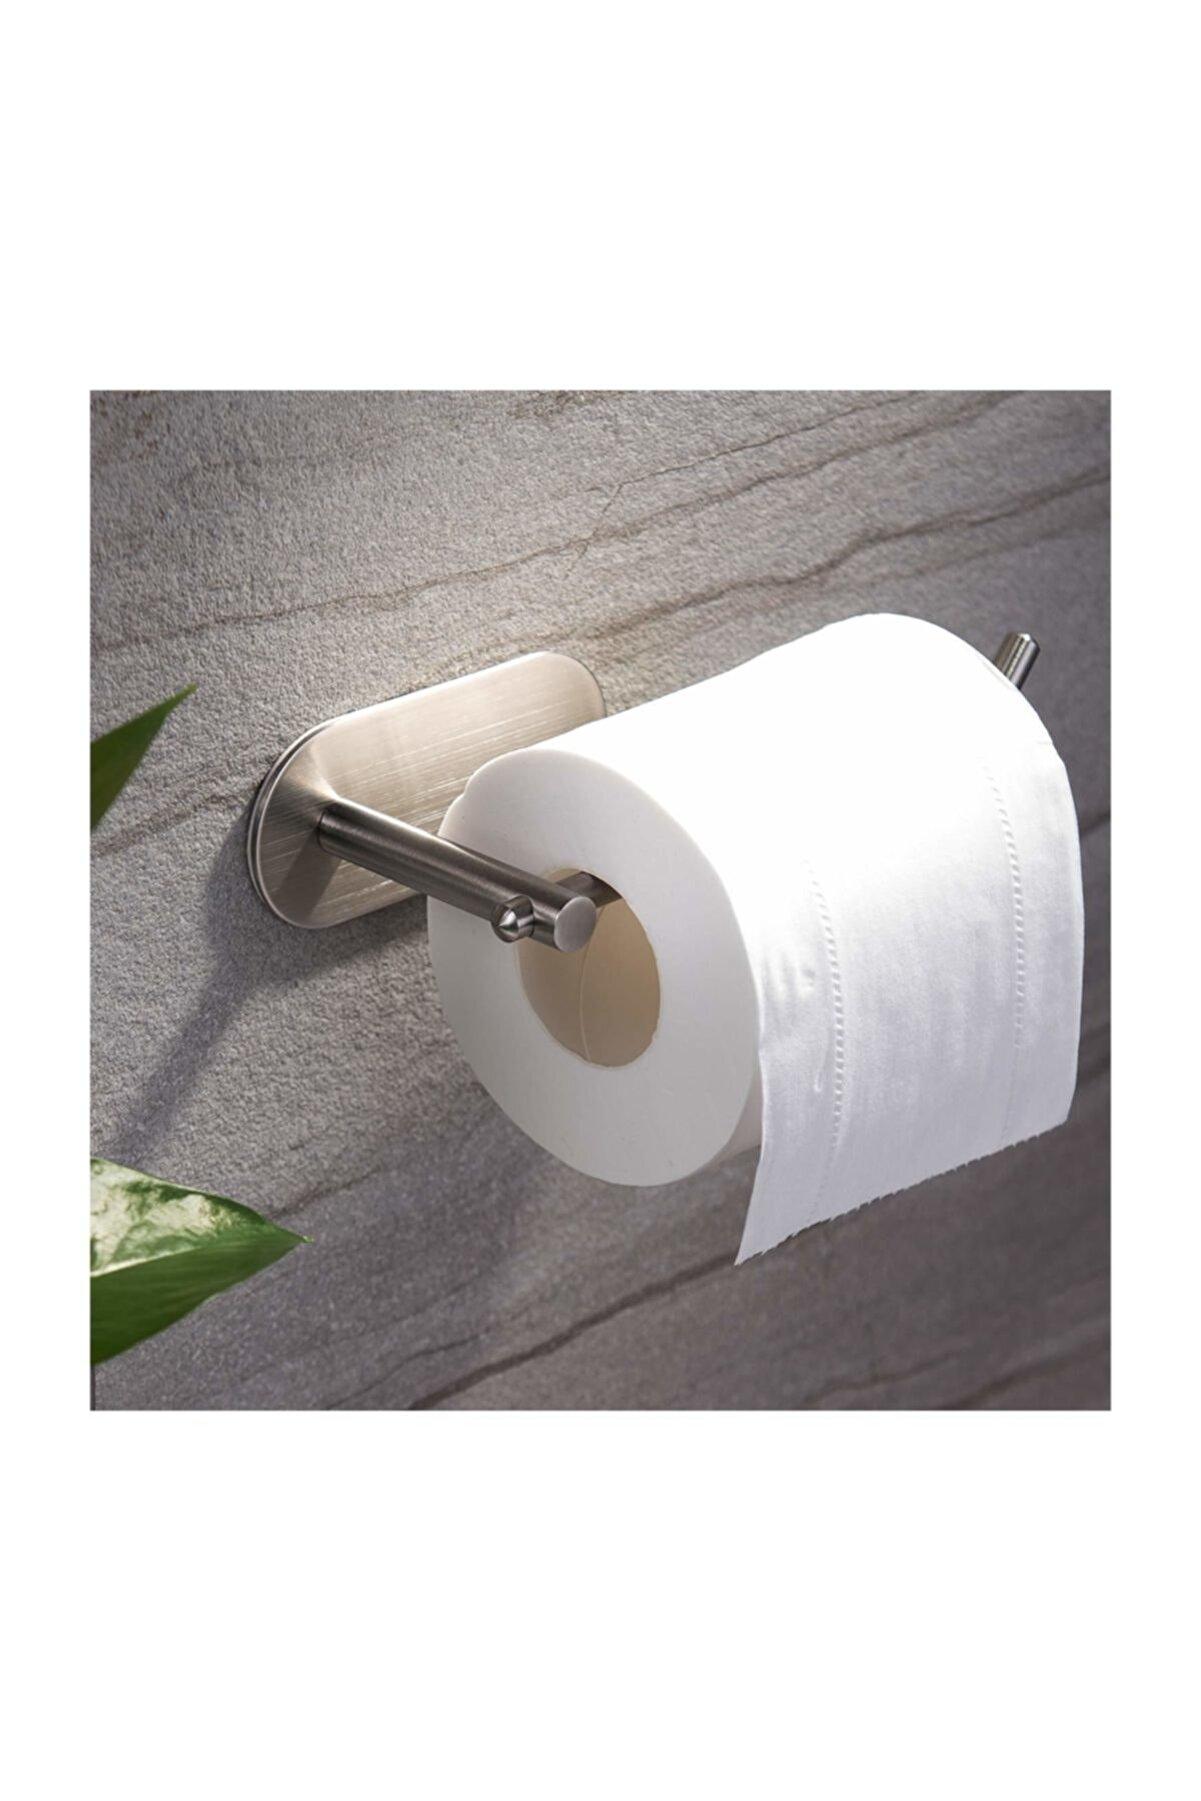 DELTAHOME Paslanmaz Çelik Tuvalet Kağıtlığı - Wc Kağıtlık Aparatı - Yapışkanlı Sistem - Model: Hamburg